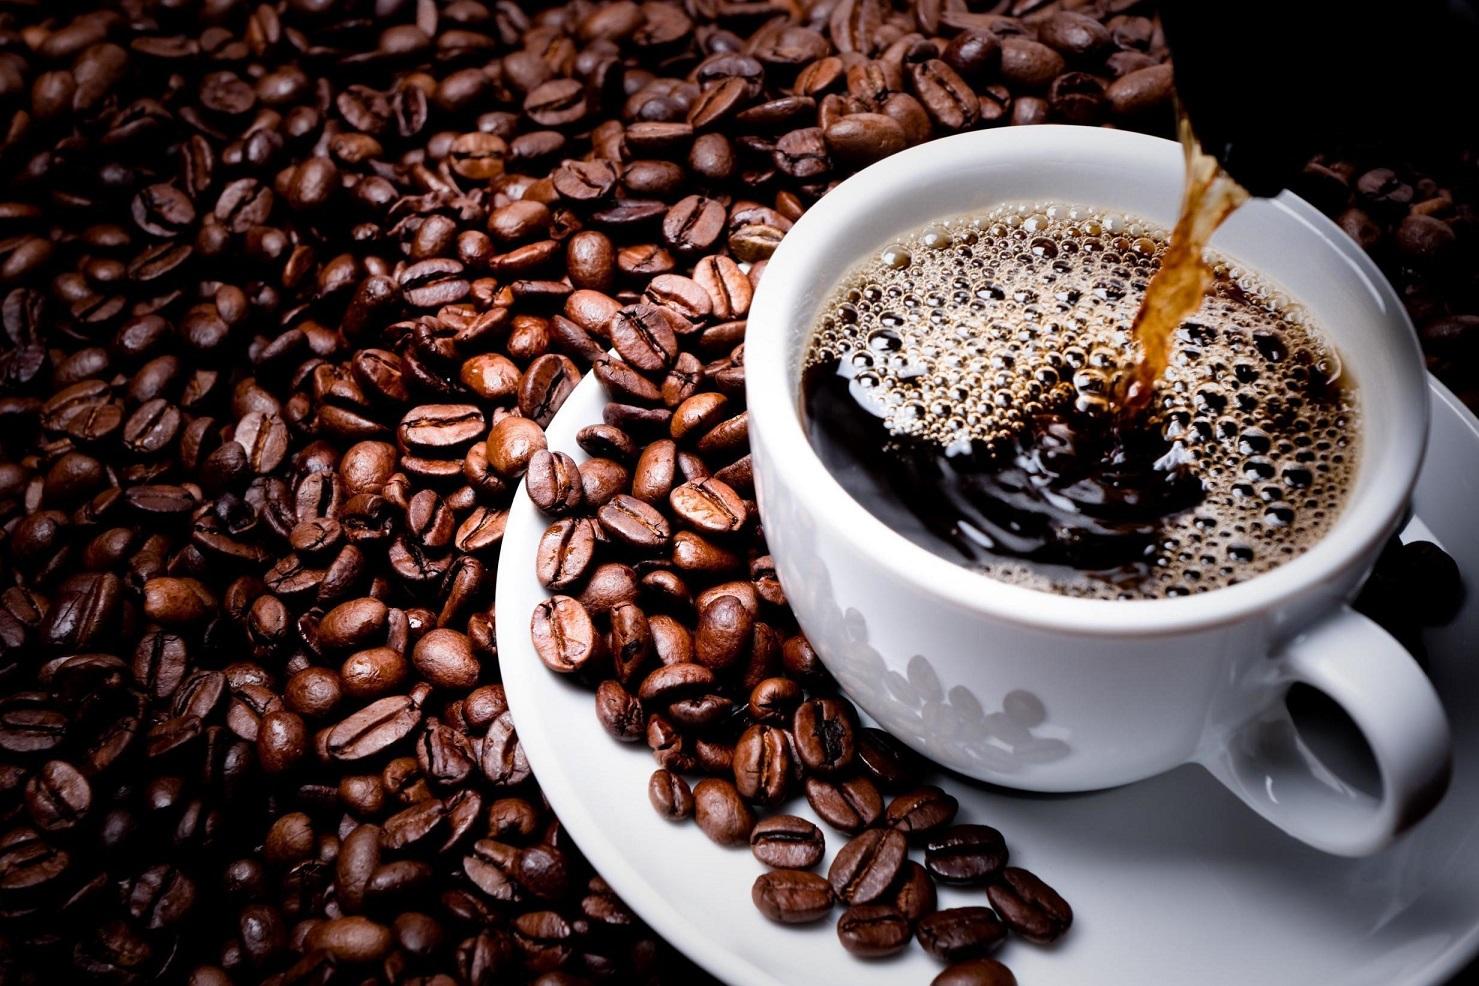 ứng dụng hương liệu trong sản xuất cà phê